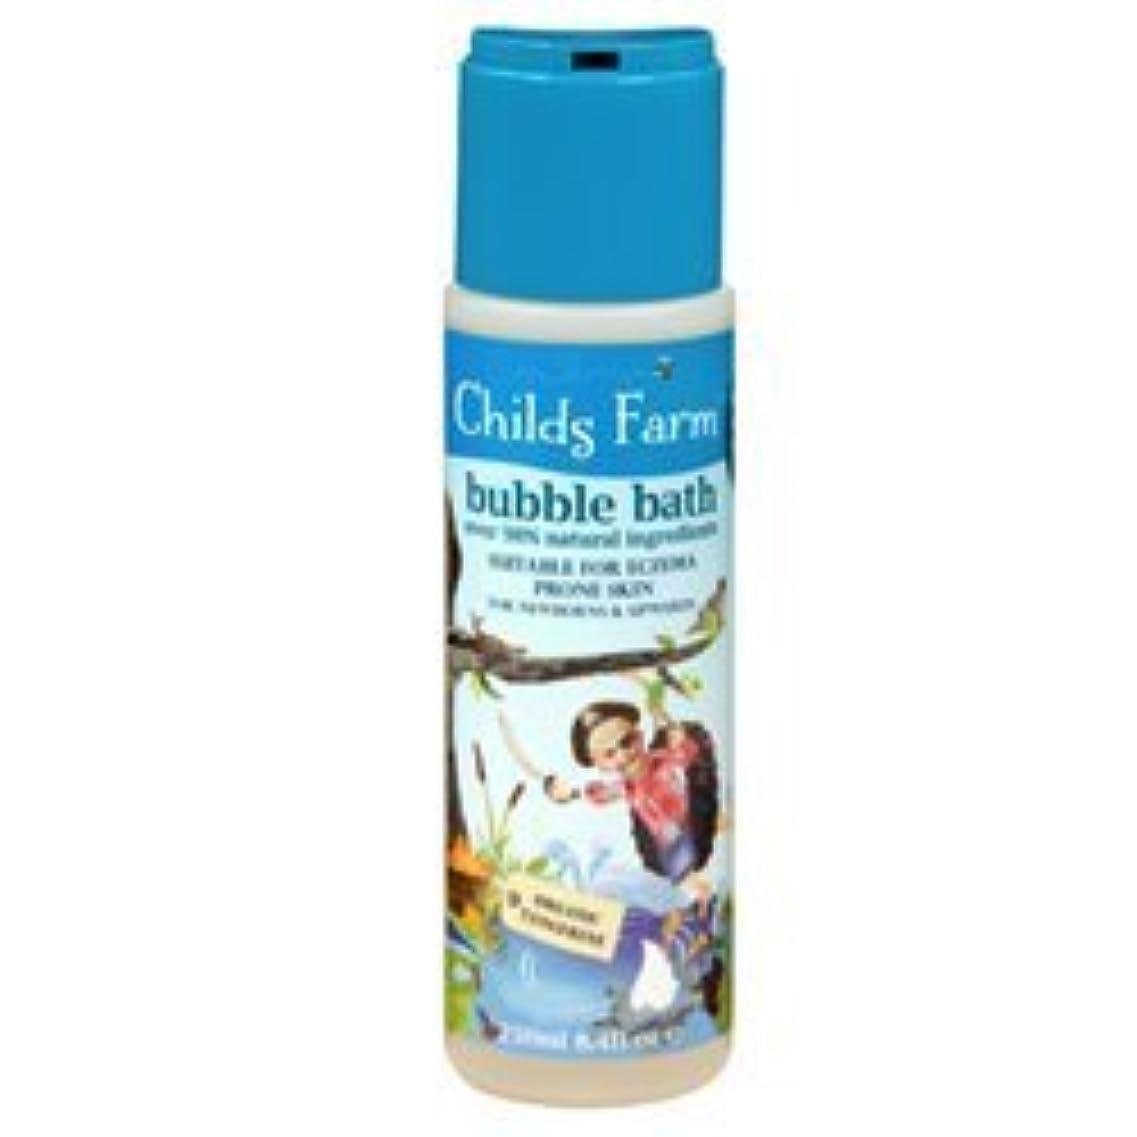 パフ誠意説明Childs Farm Bubble bath for Buccaneers 250ml x 1 by Childs Farm [並行輸入品]